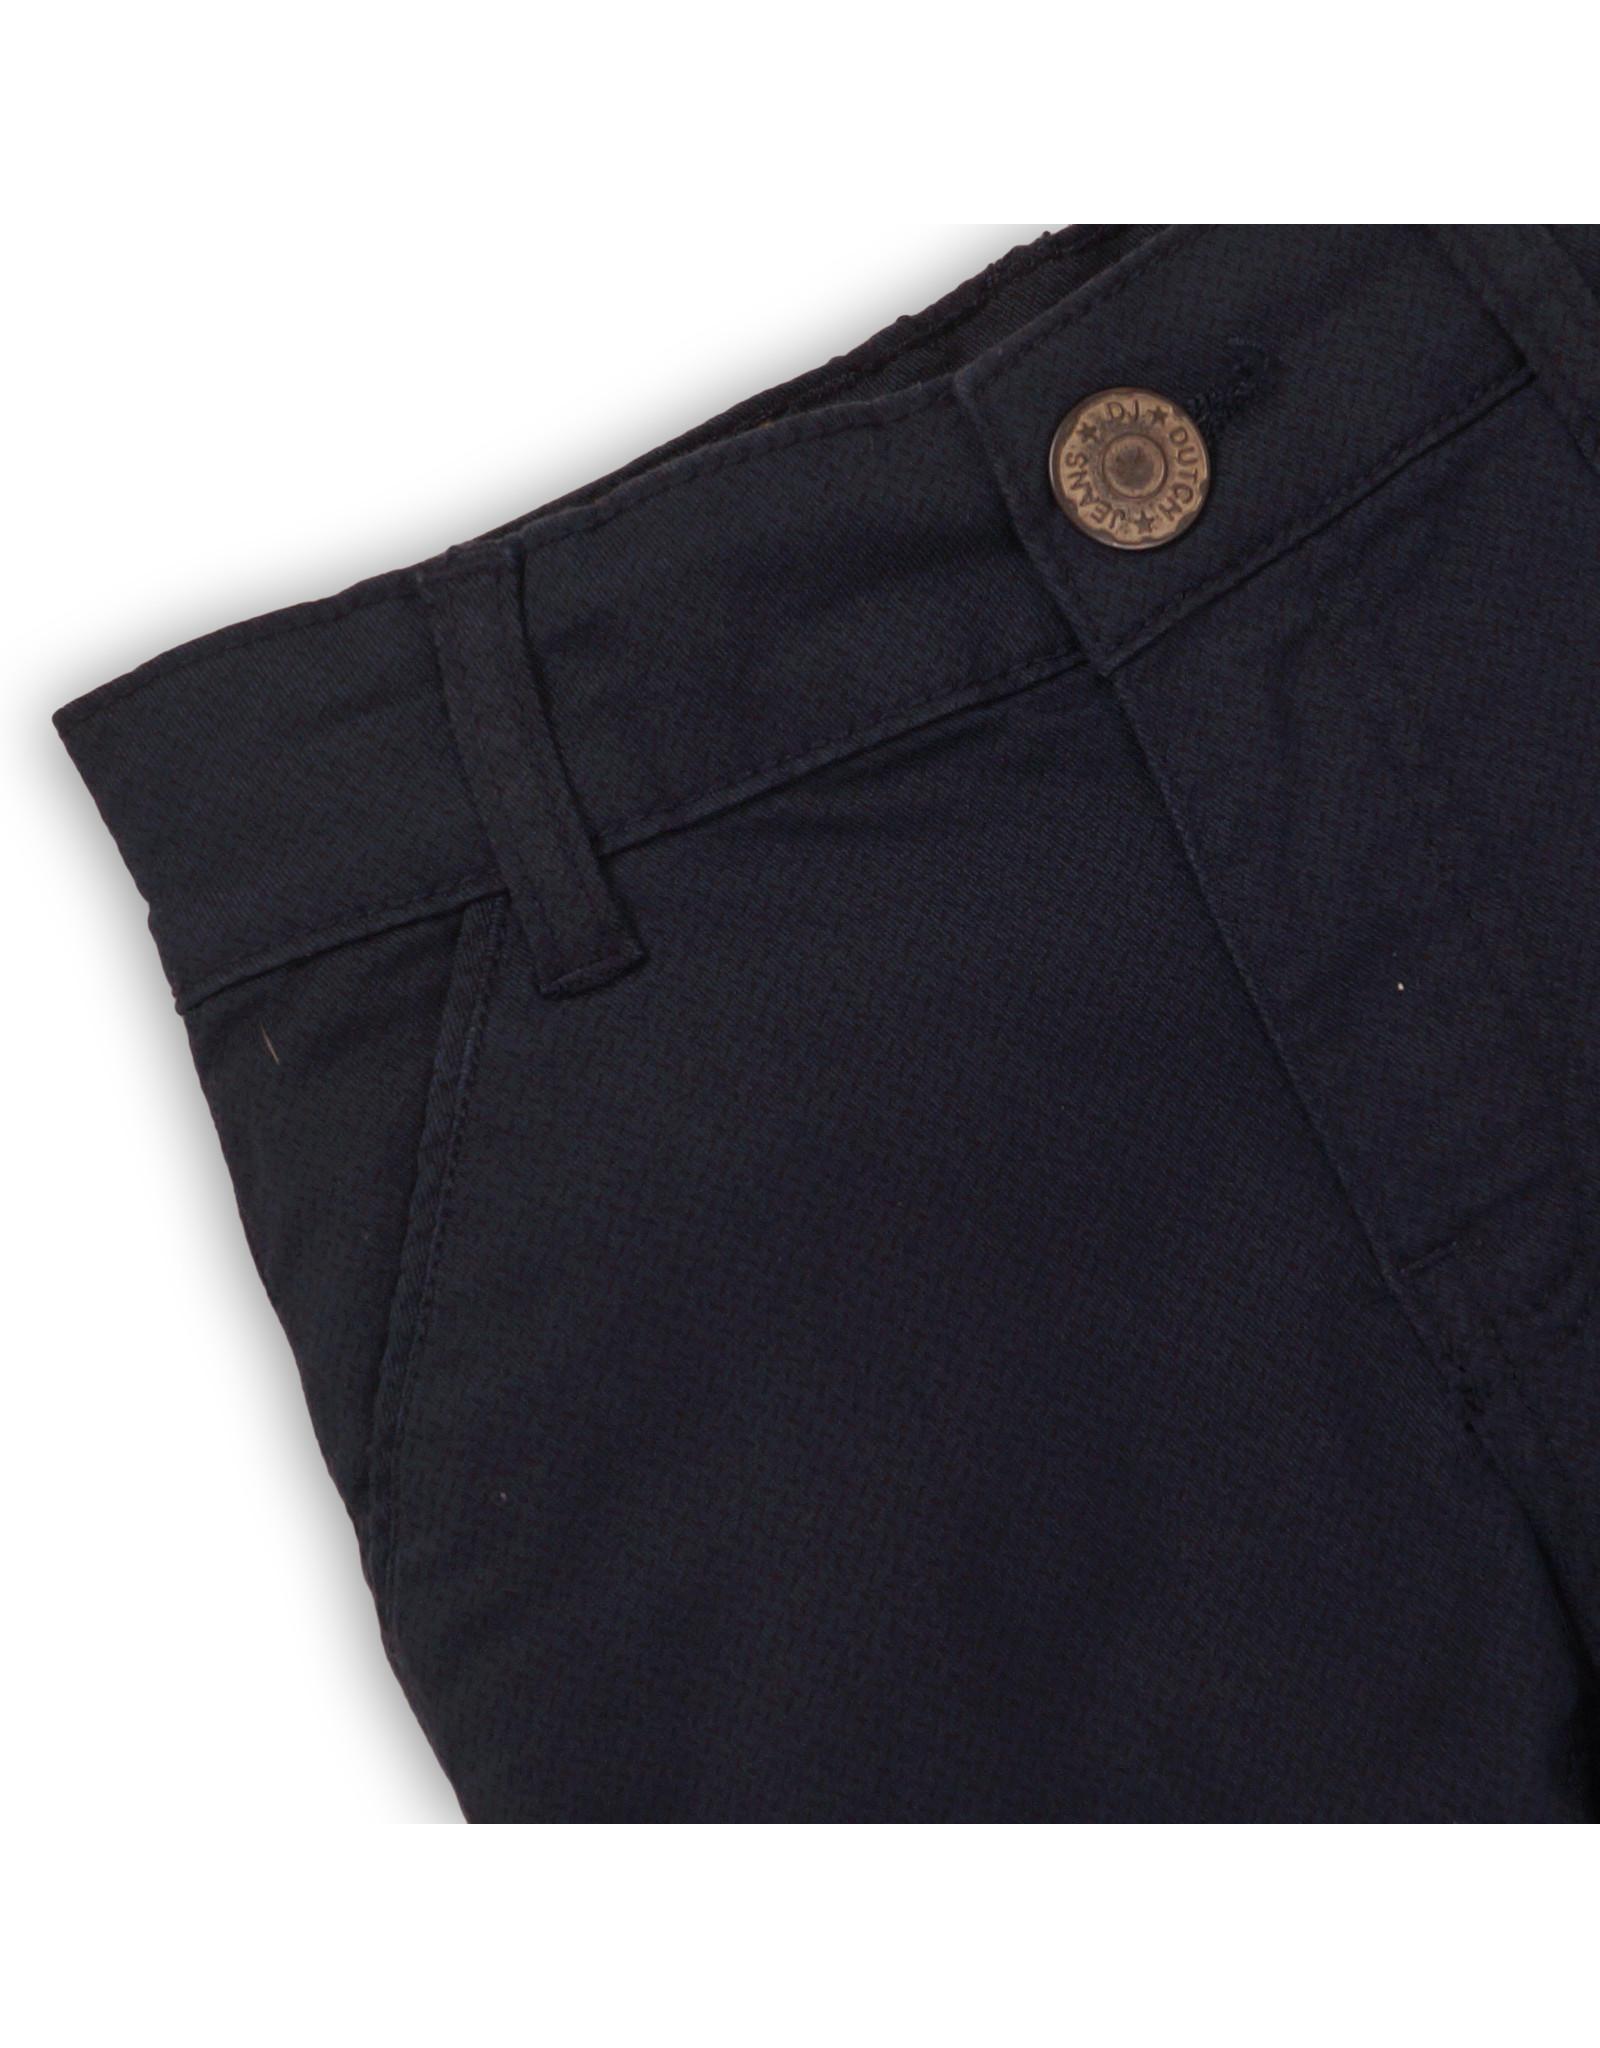 Dutch Jeans Shorts, 45C-34155